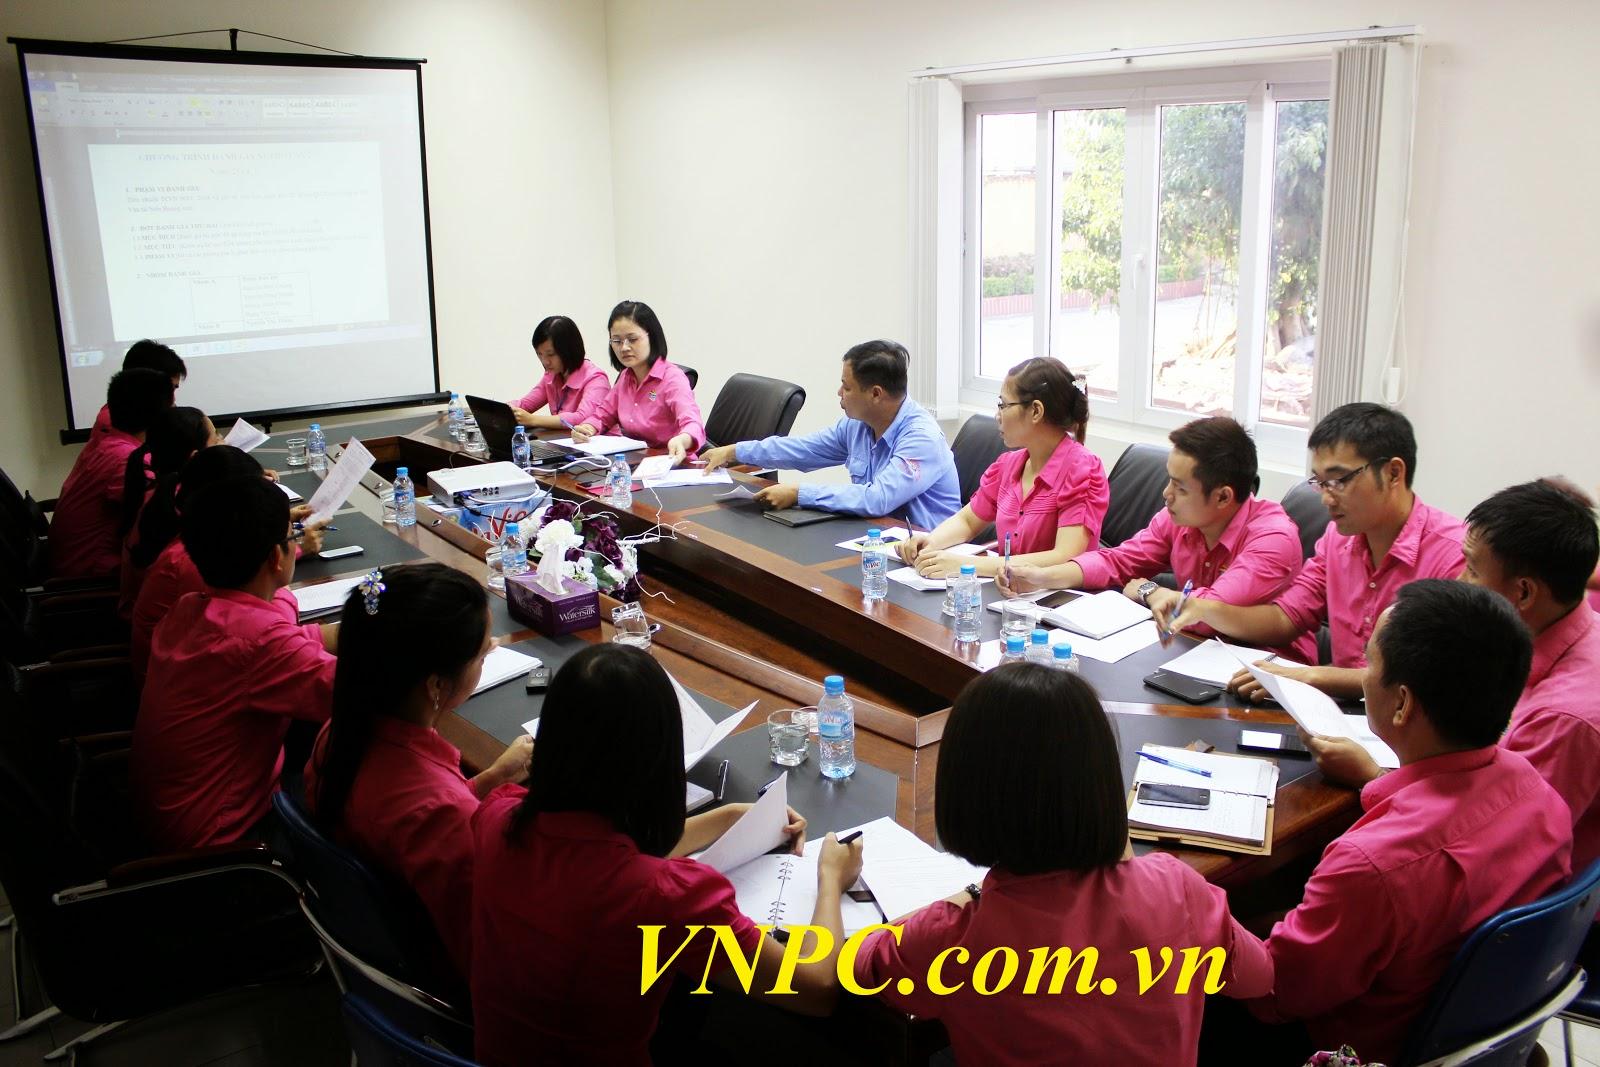 Thuê máy chiếu họp nội bộ công ty trọn gói giá rẻ ở TpHCM